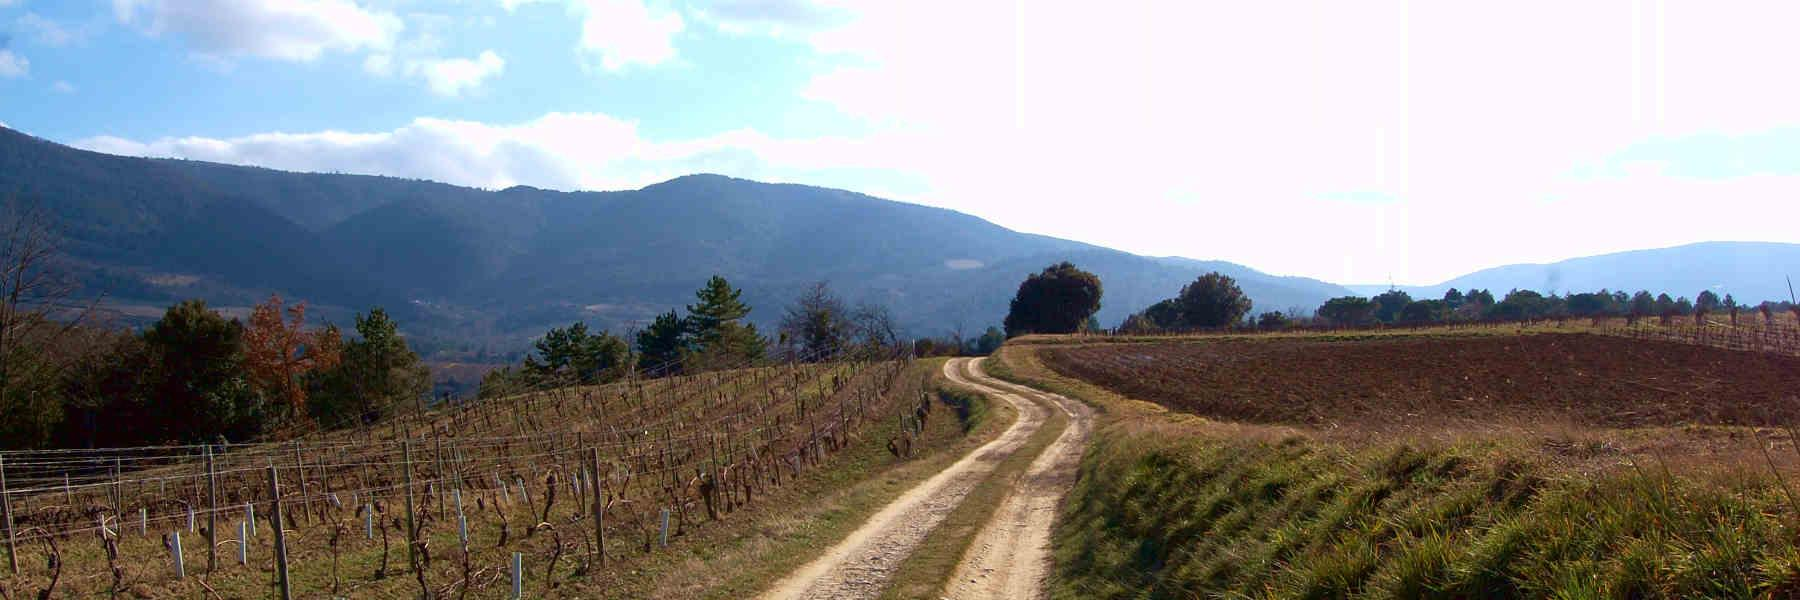 La randonnée pédestre de Saint-Polycarpe